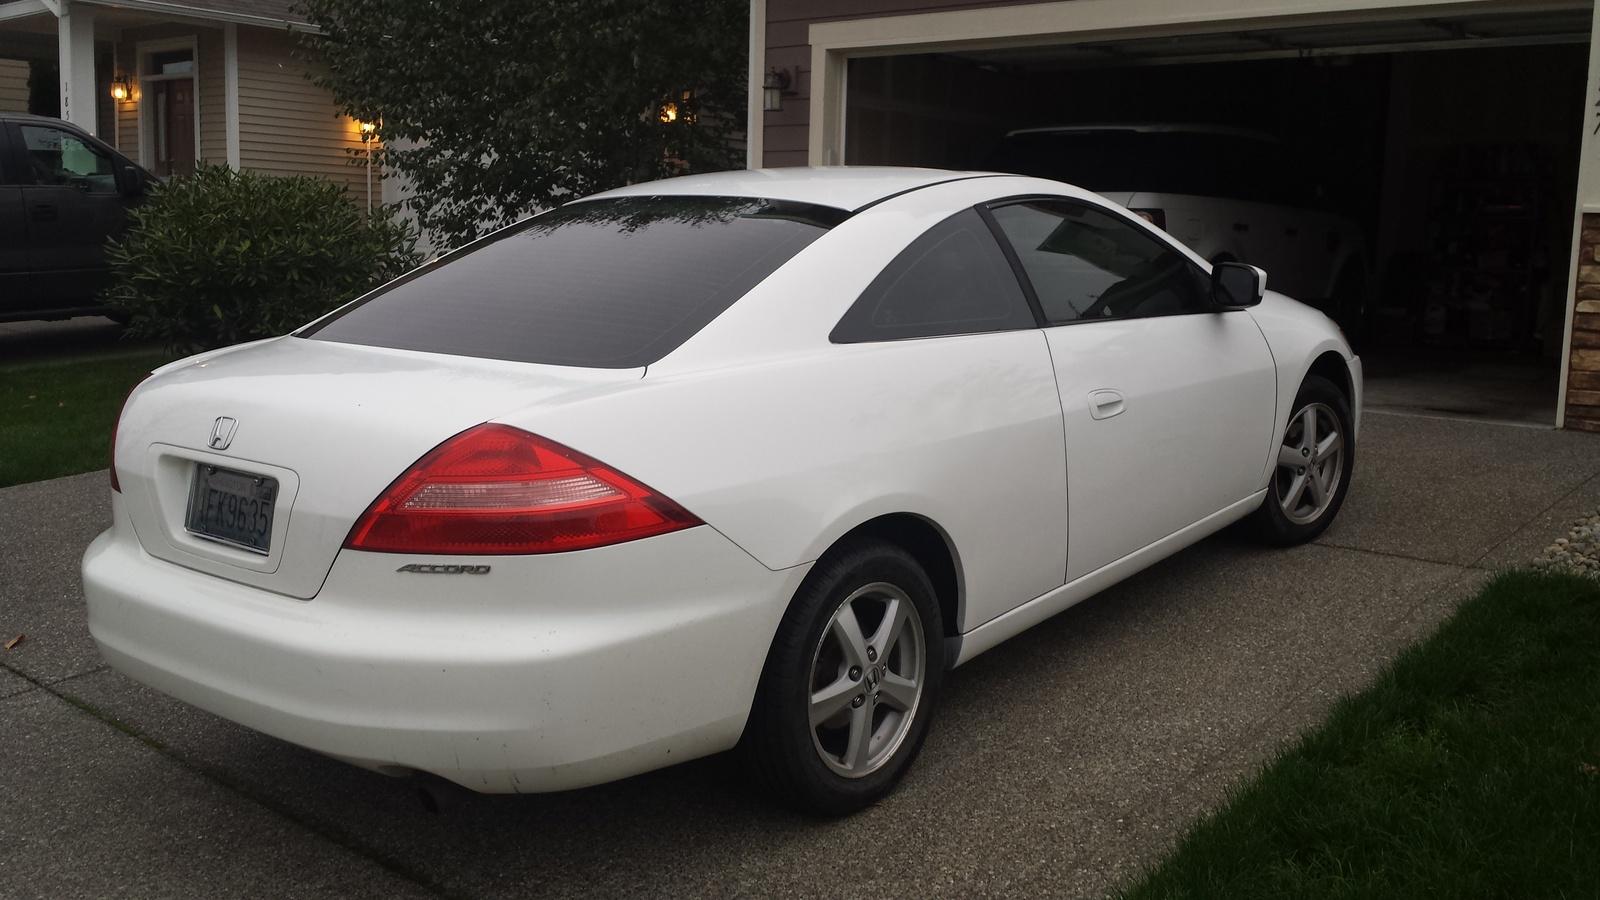 2003 Honda Accord - Pictures - CarGurus